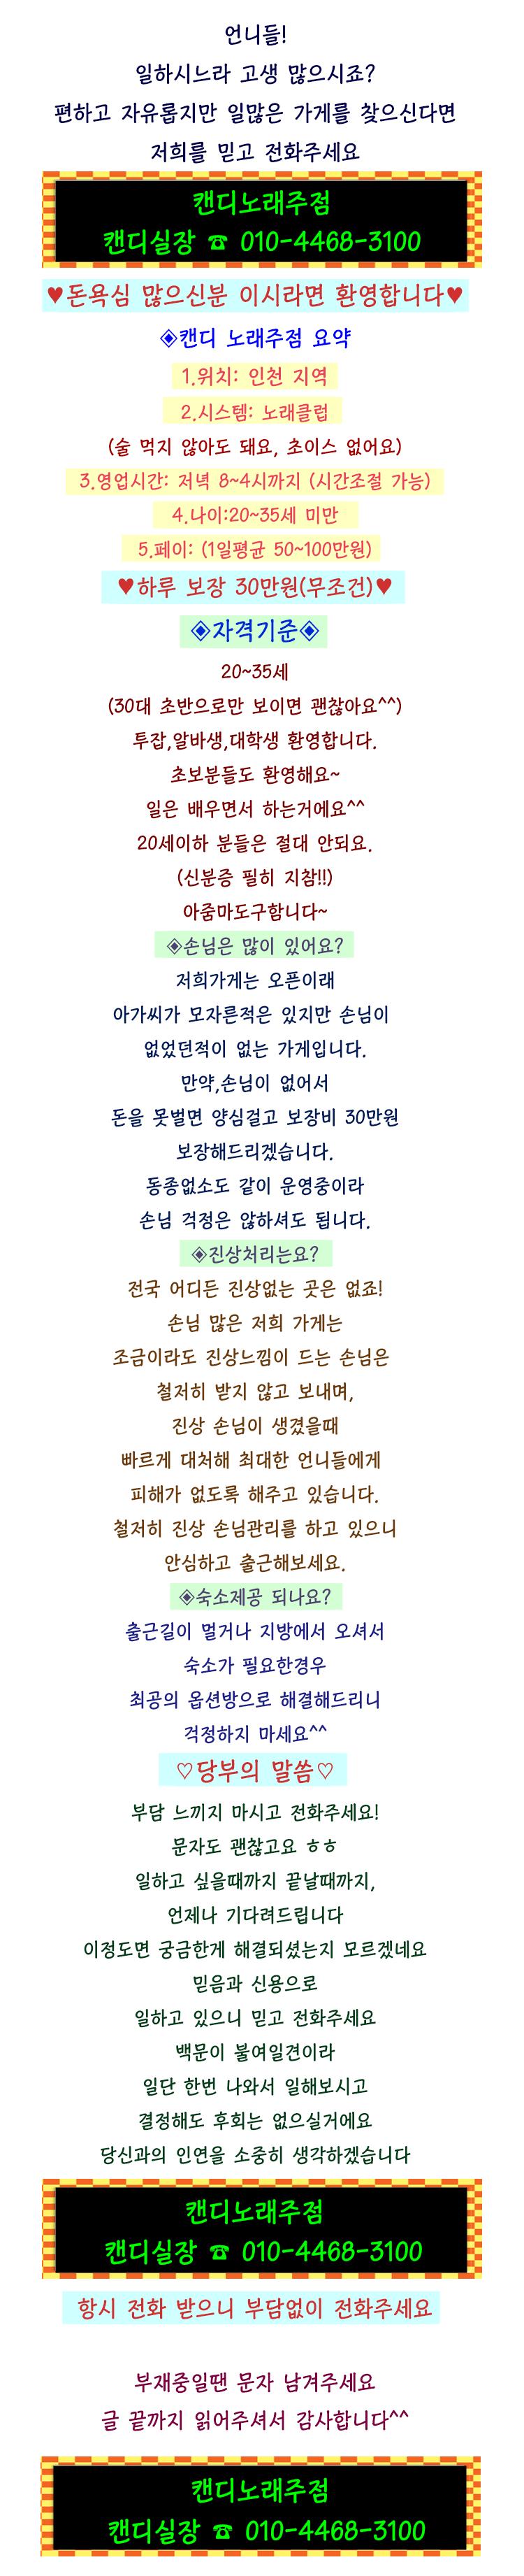 유흥알바 - fox2.kr - 나나알바